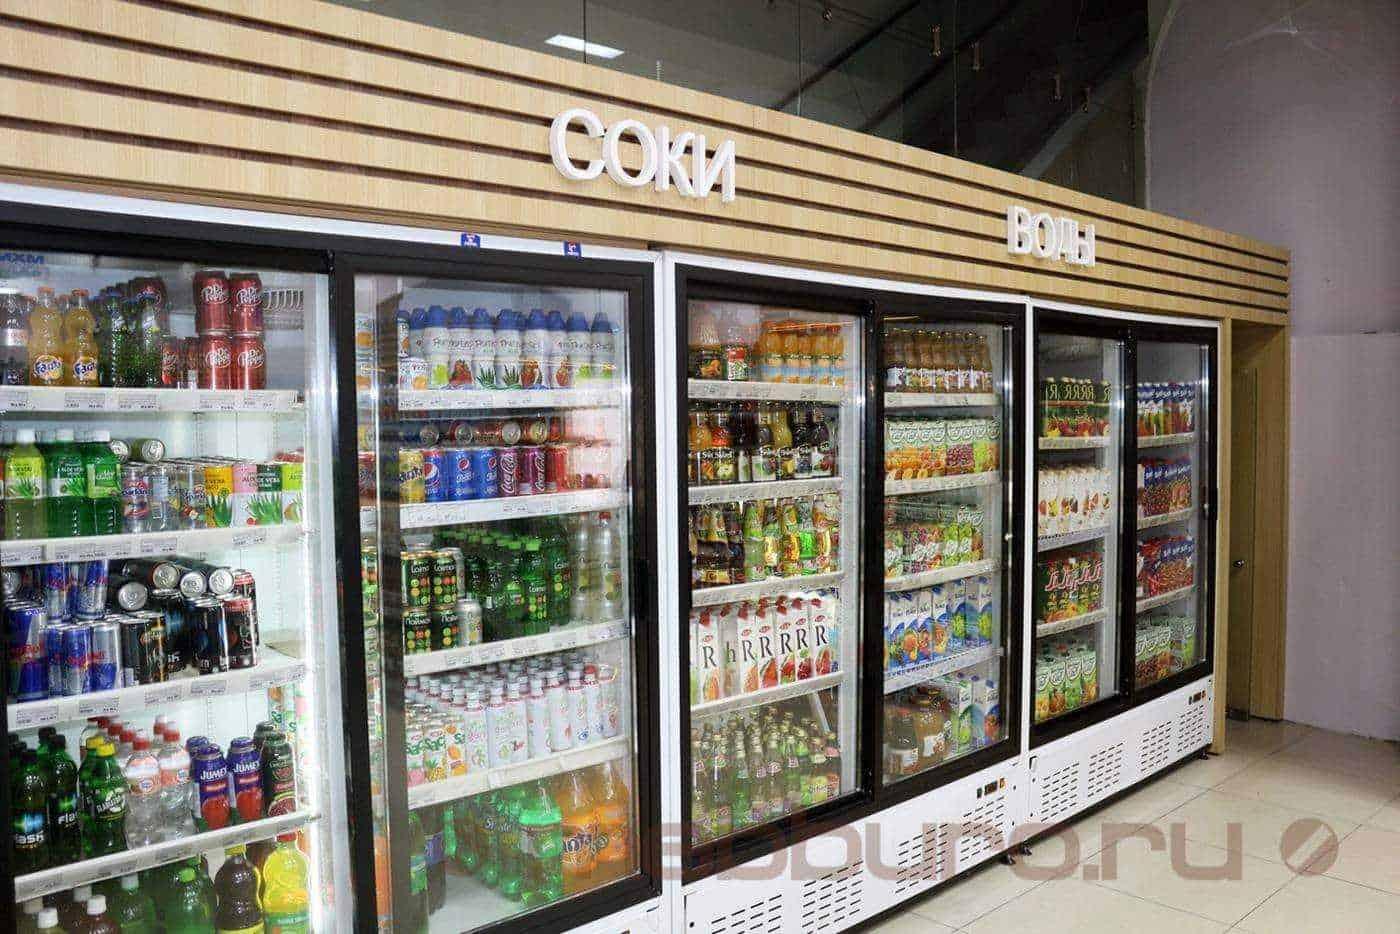 Что делалось: произведен апгрейд холодильных витрин, создание декоративного фриза с буквами и с обшивкой входной зоны, боковин.